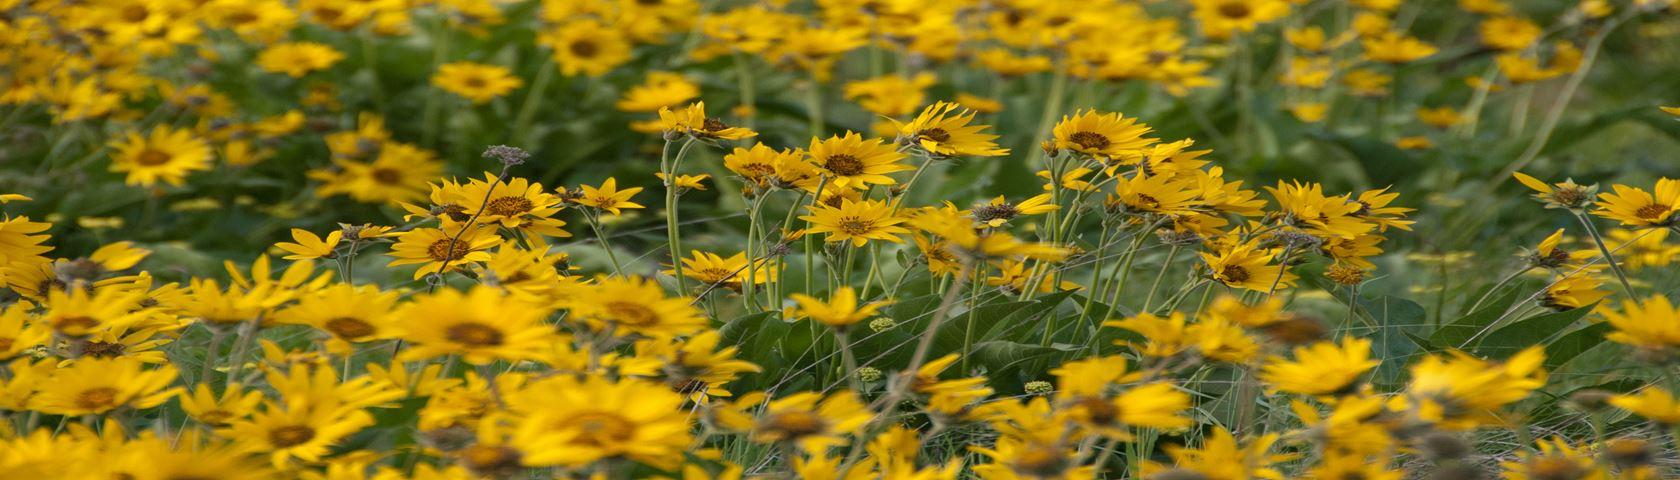 A Field of Balsamroot